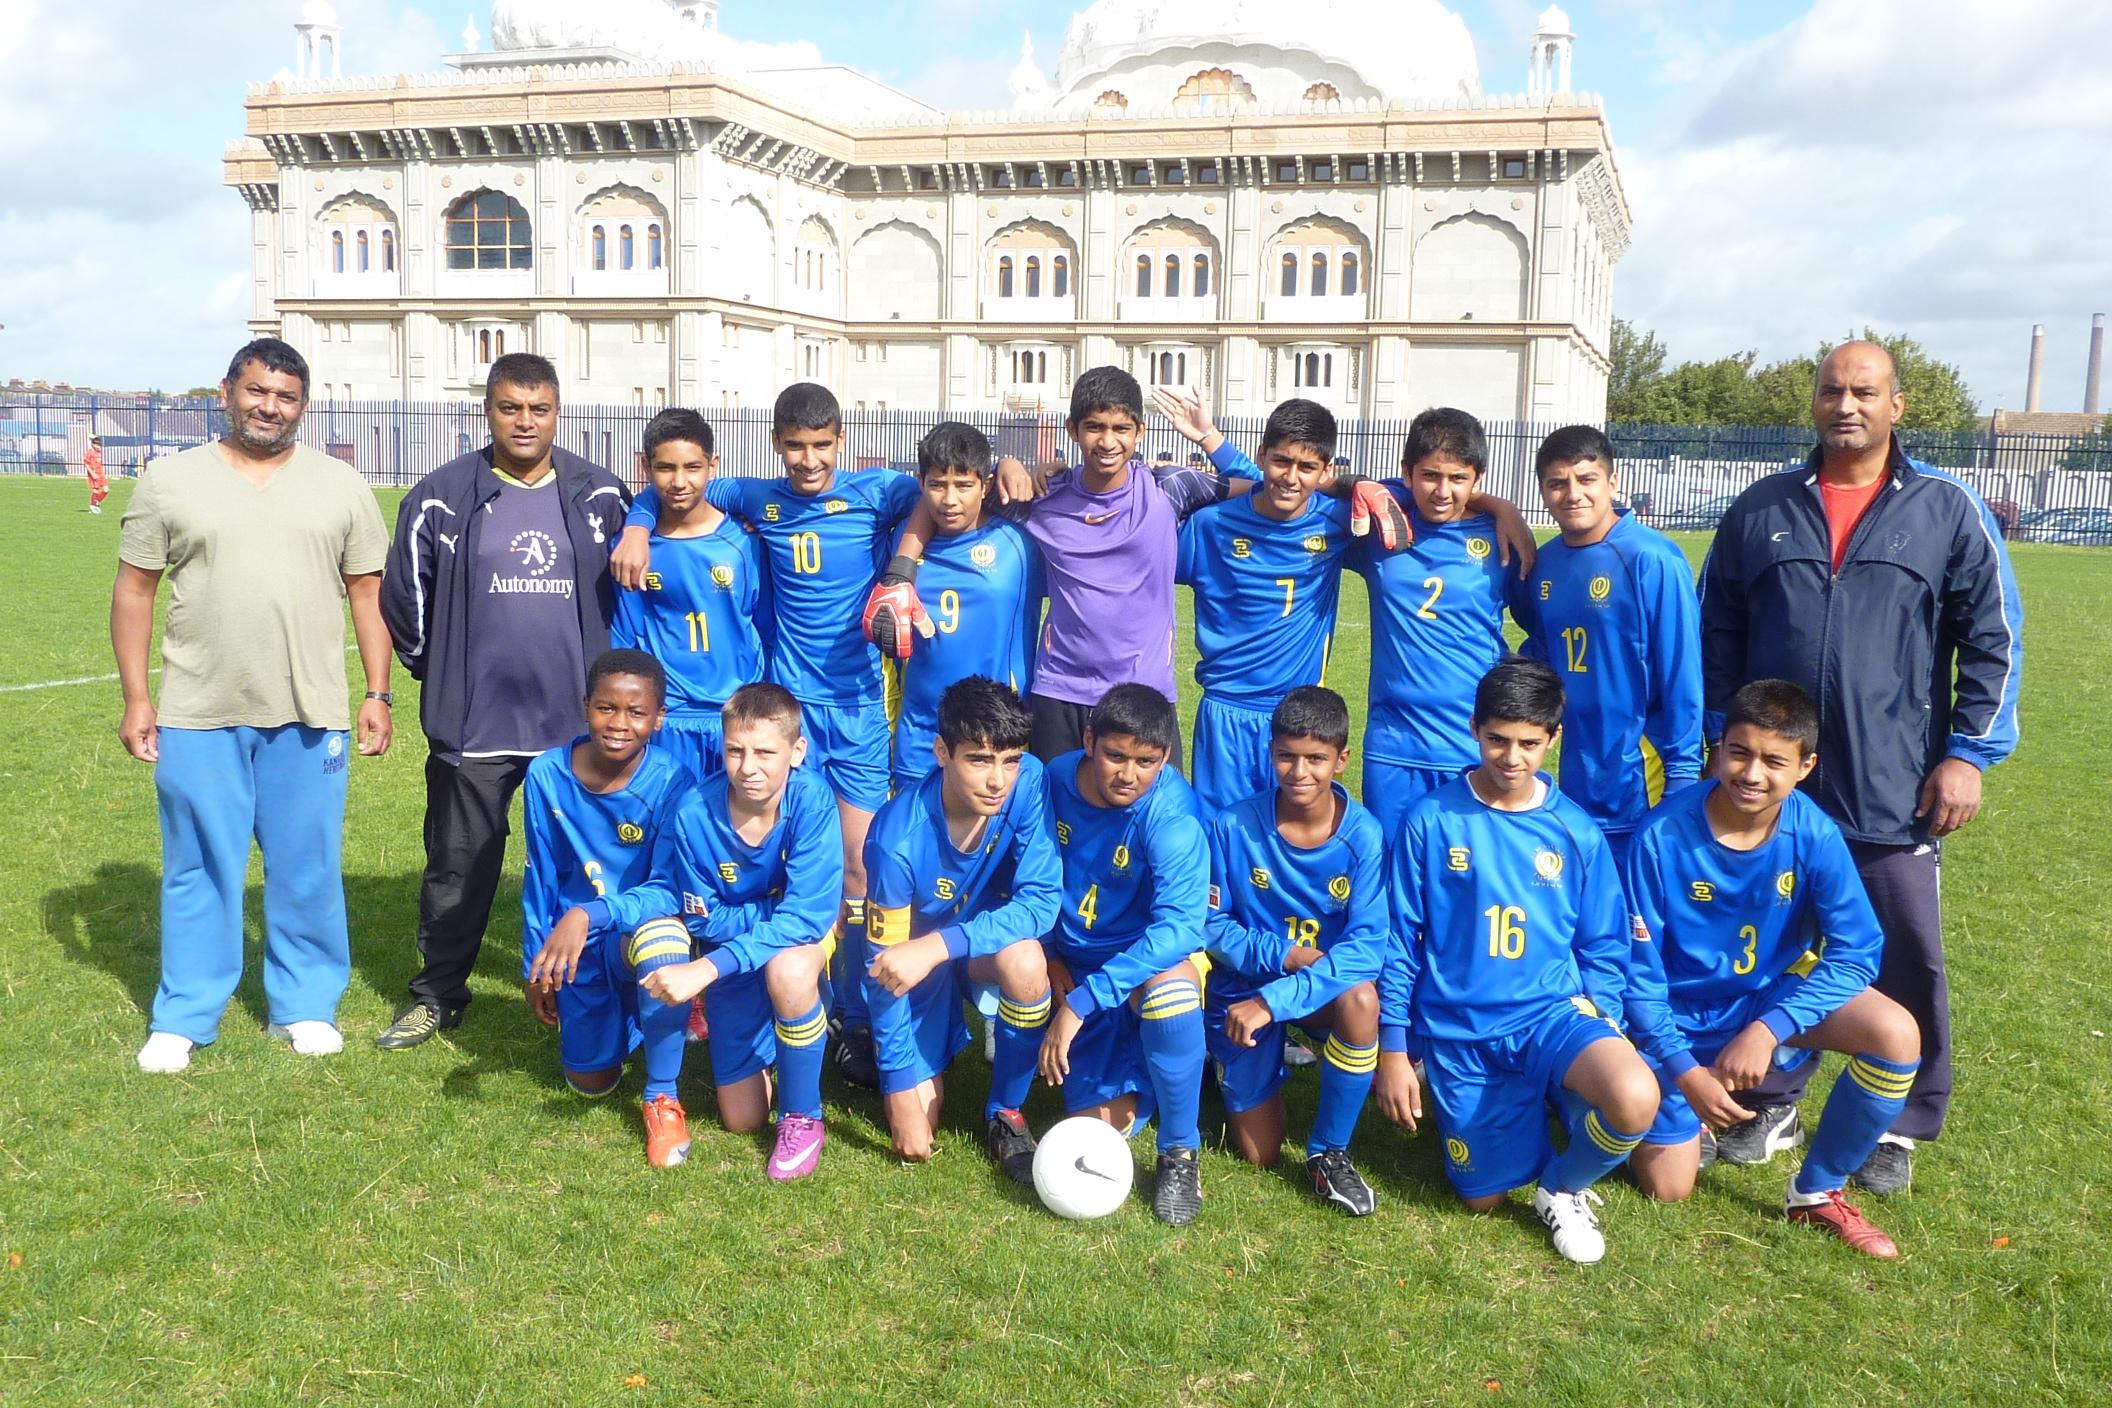 U14 Squad 2011-12